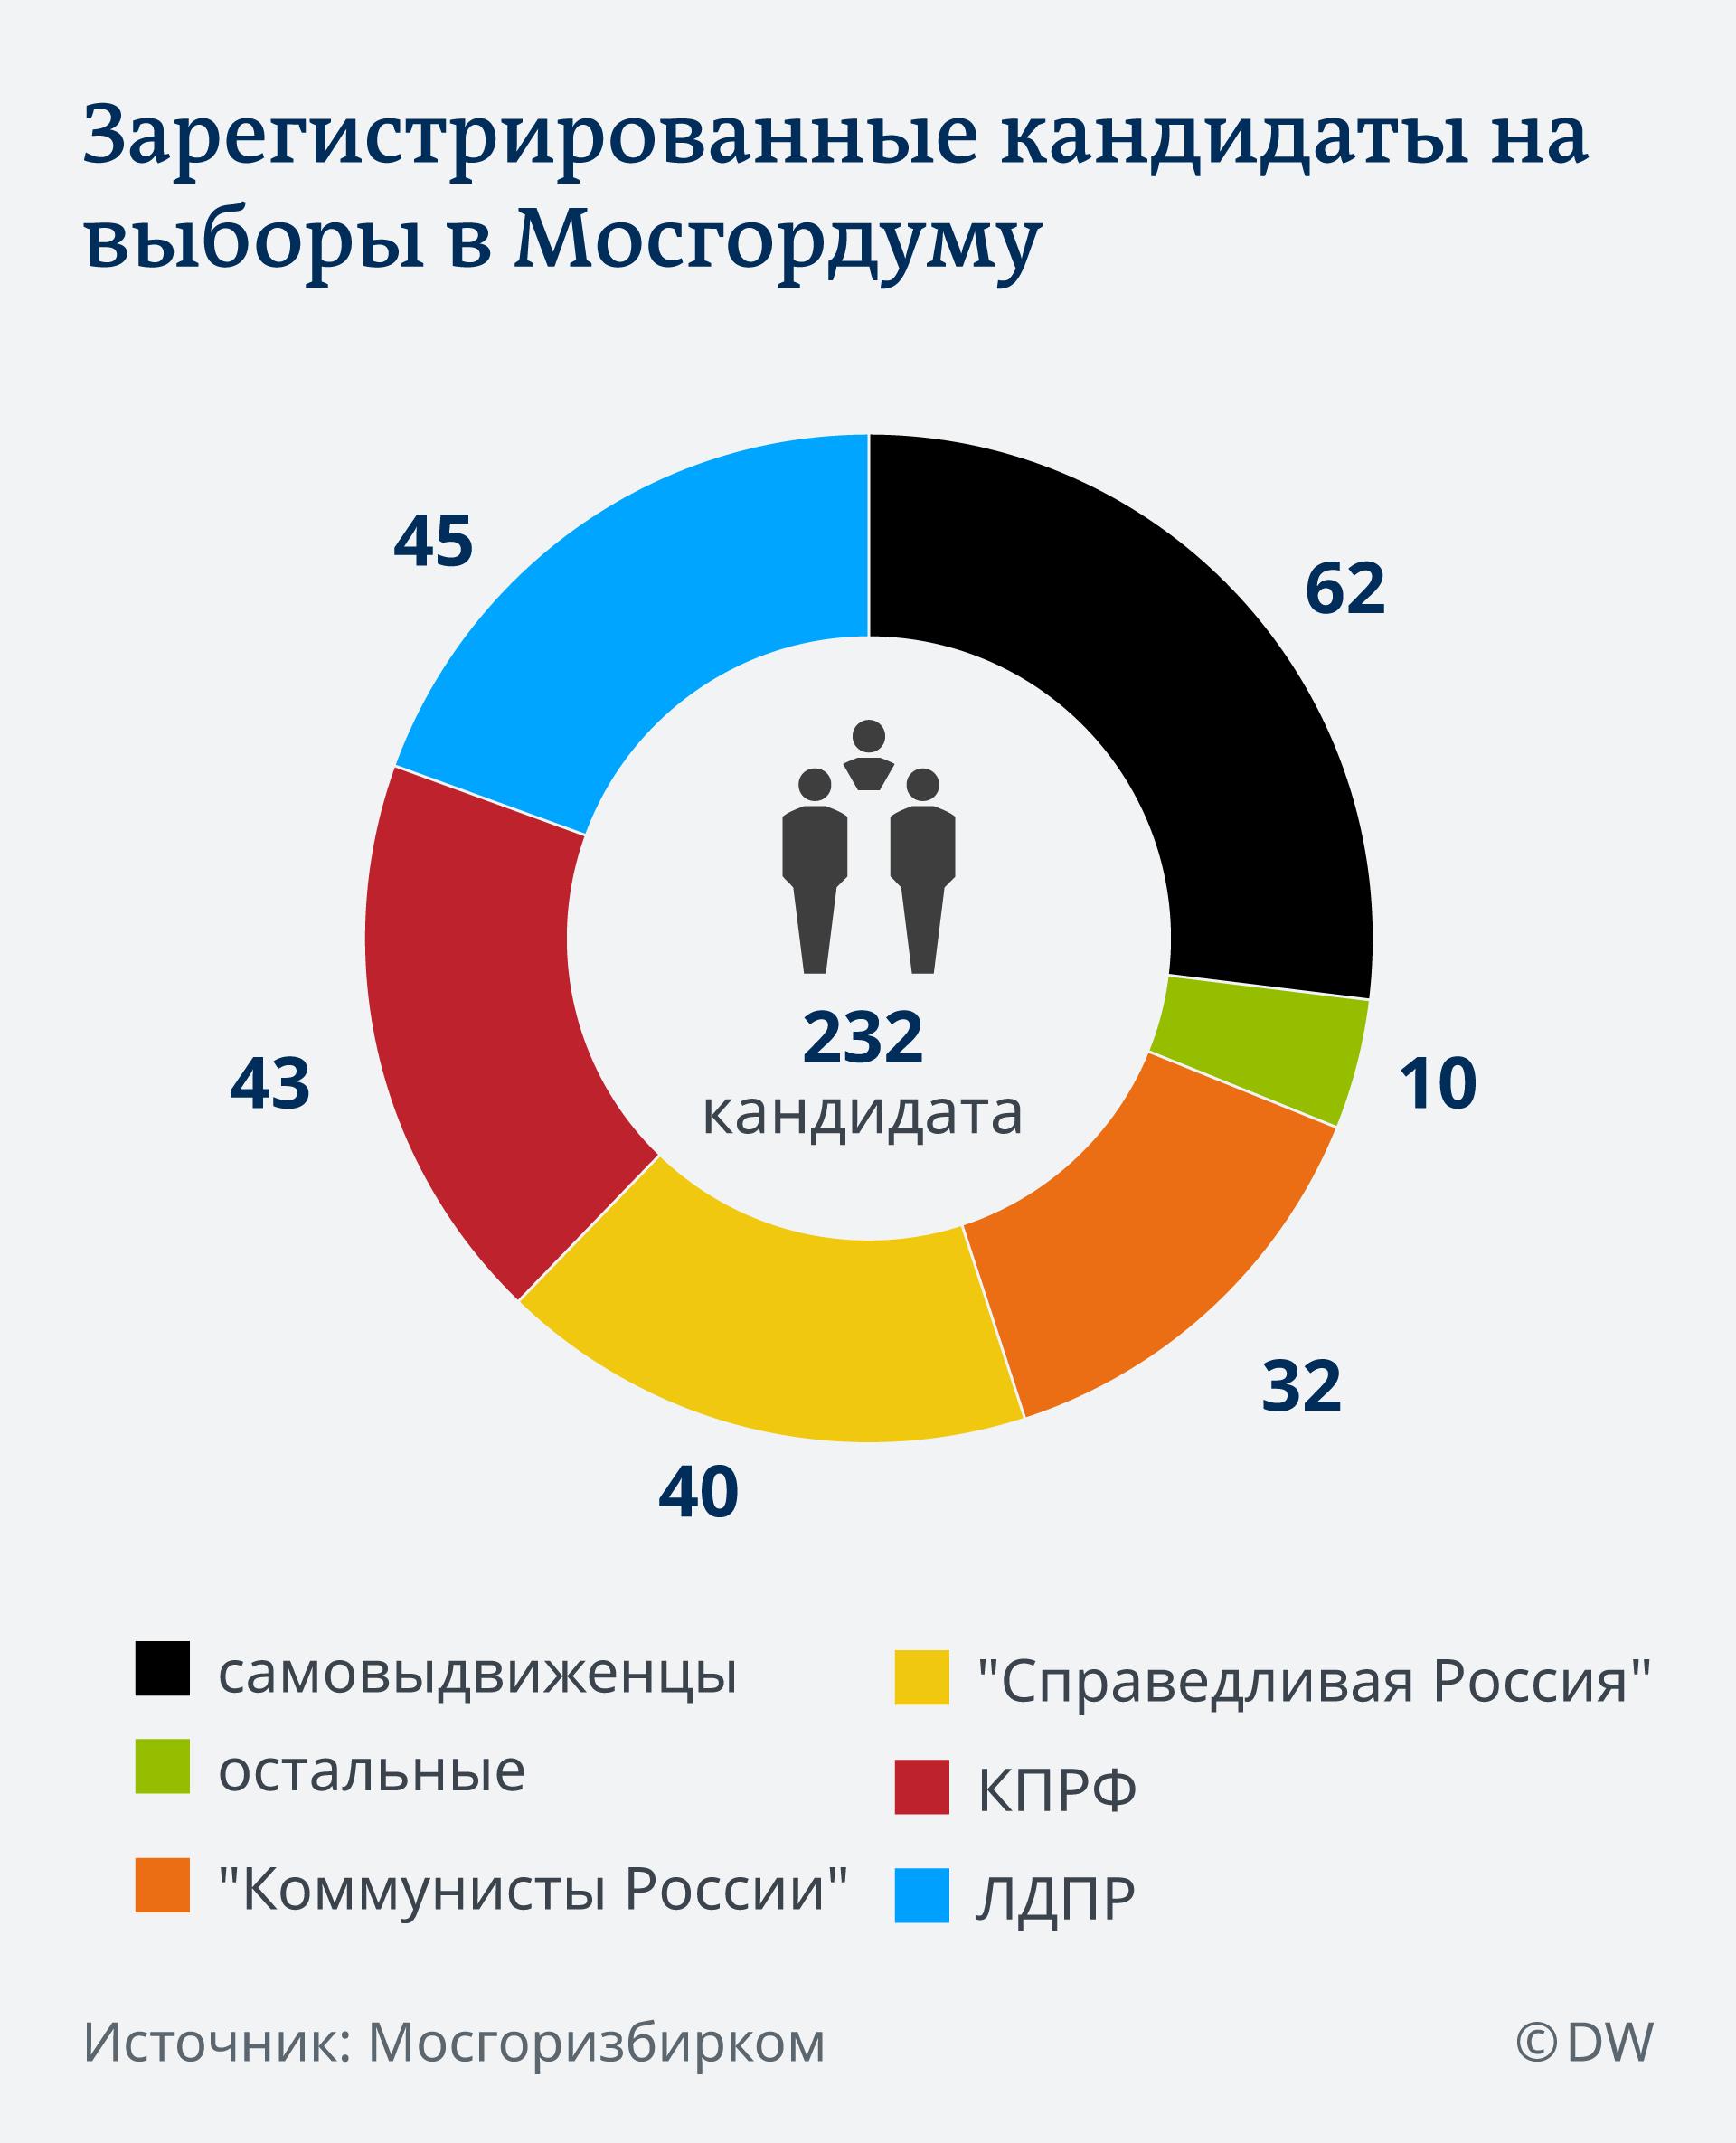 Инфографика: зарегистрированные кандидаты на выборы в Мосгордуму